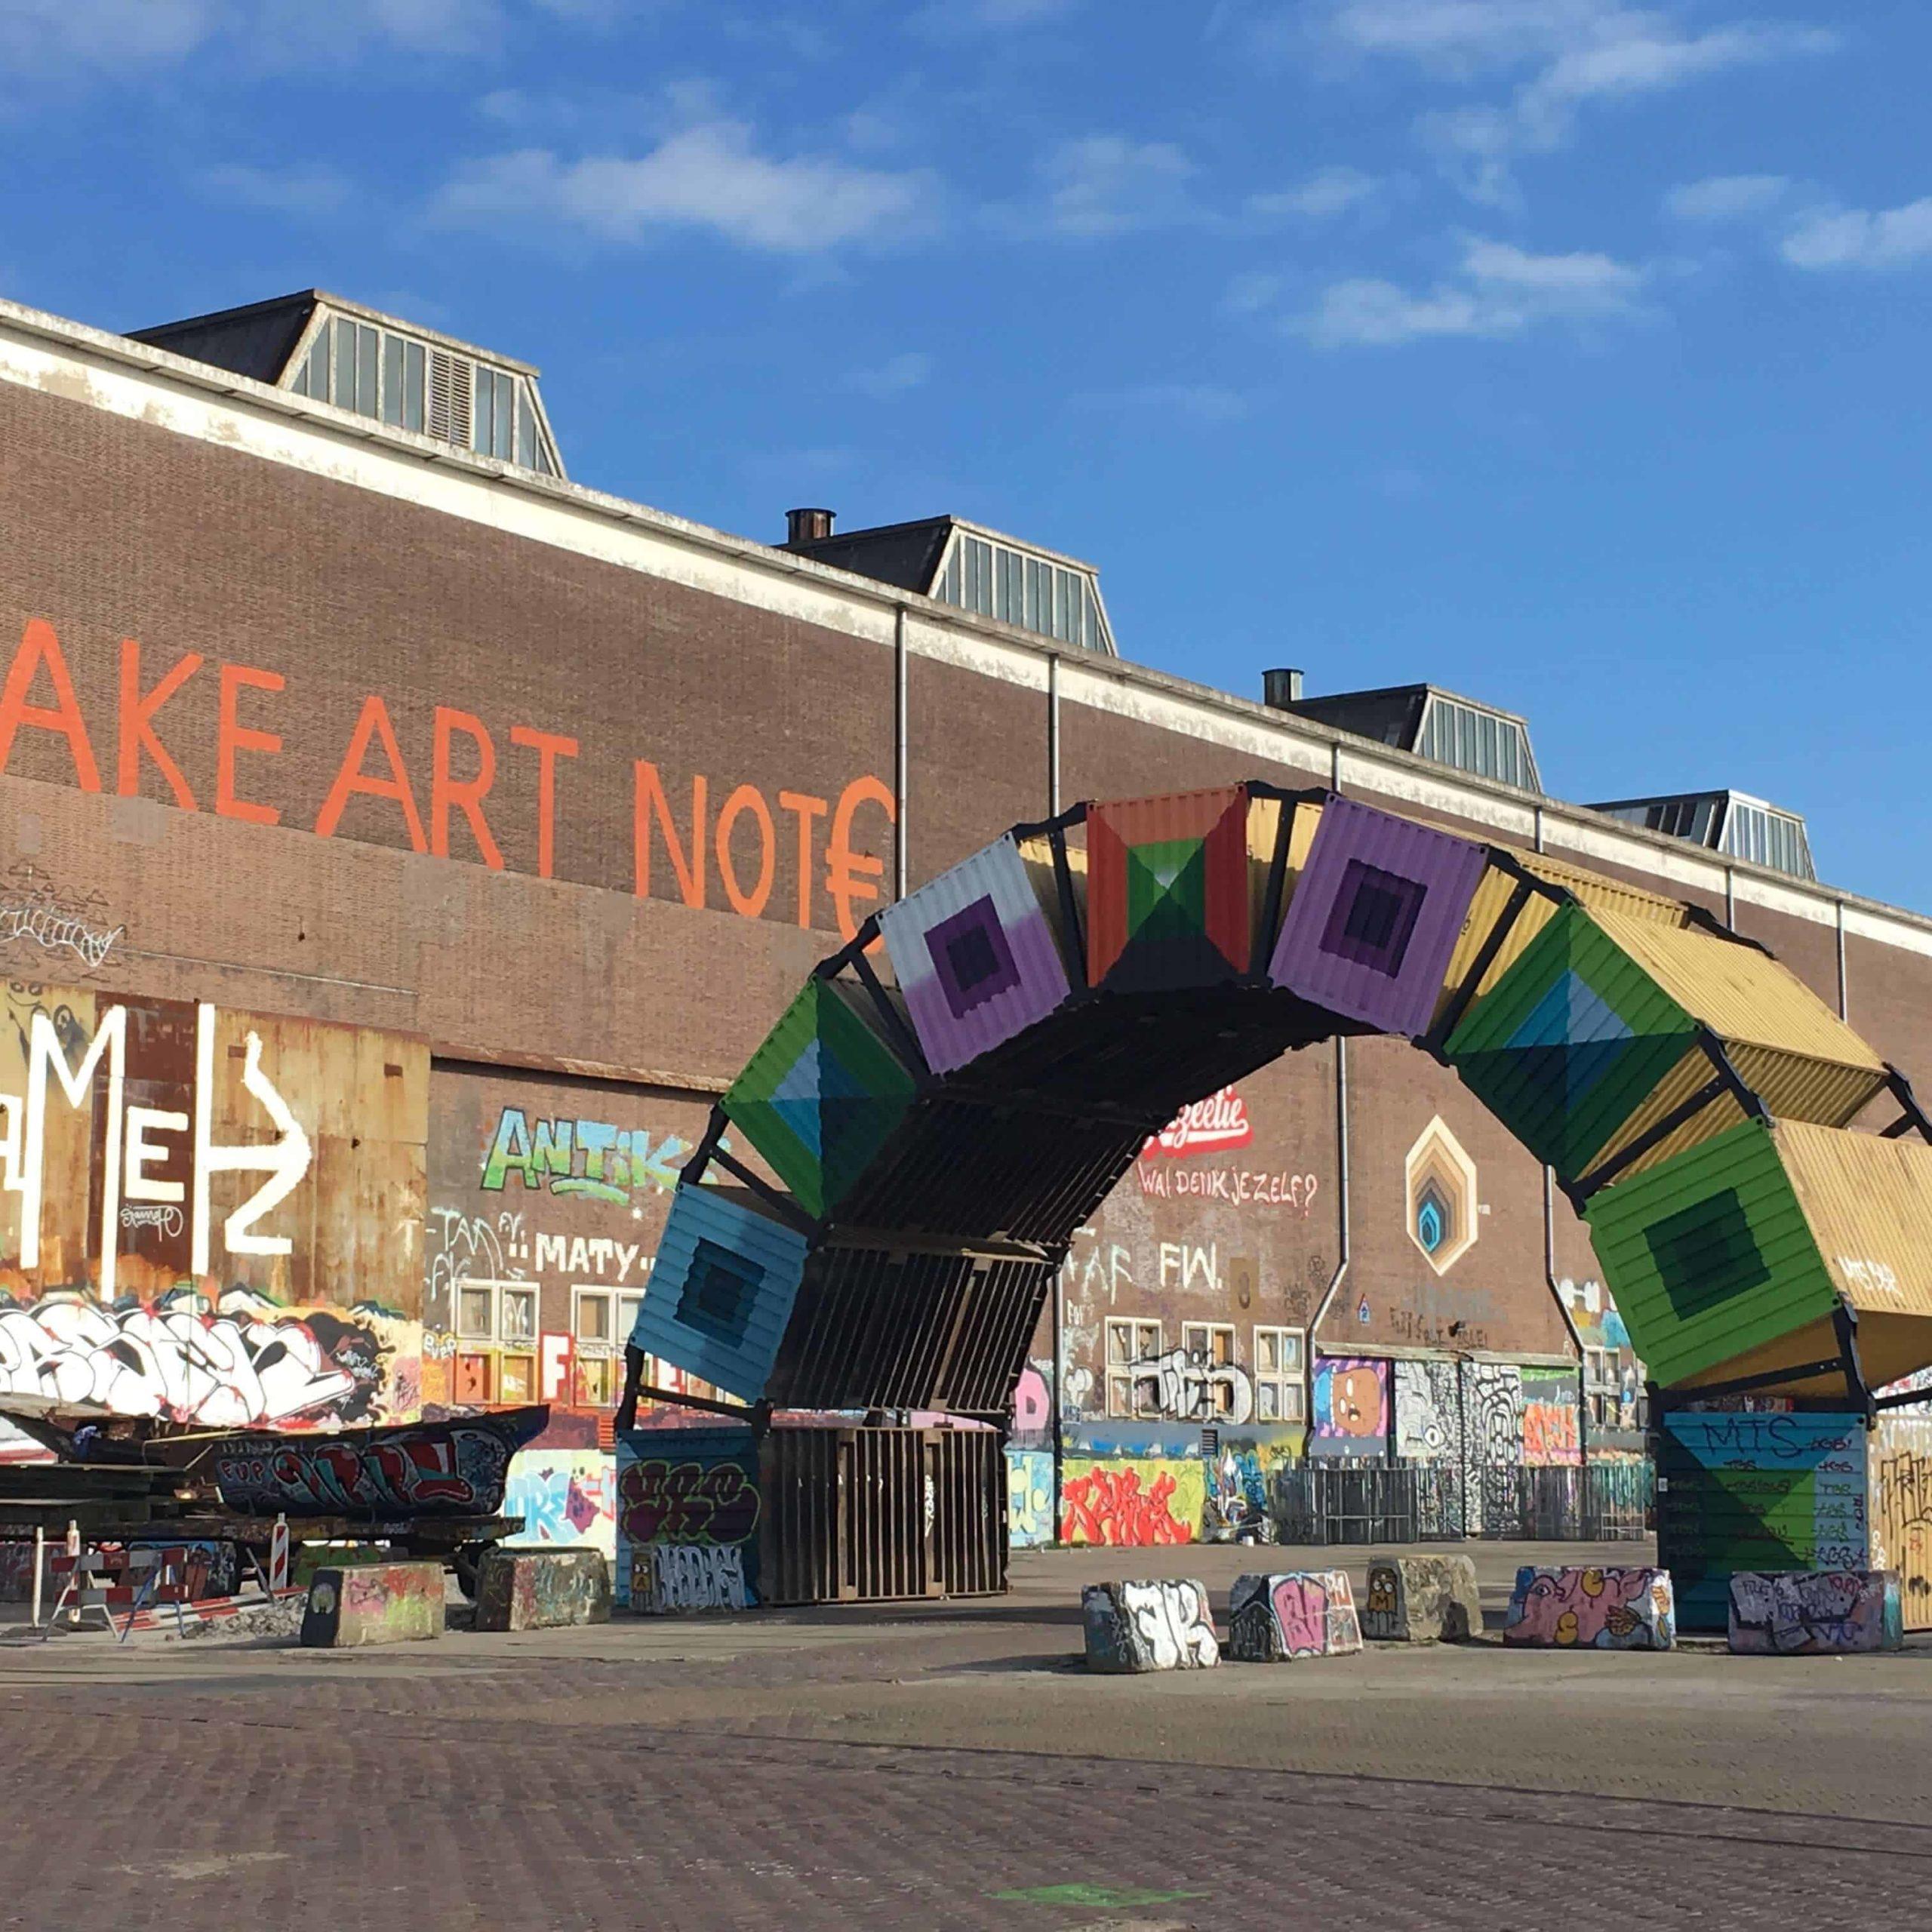 NDSM make art not€ gewoonboot